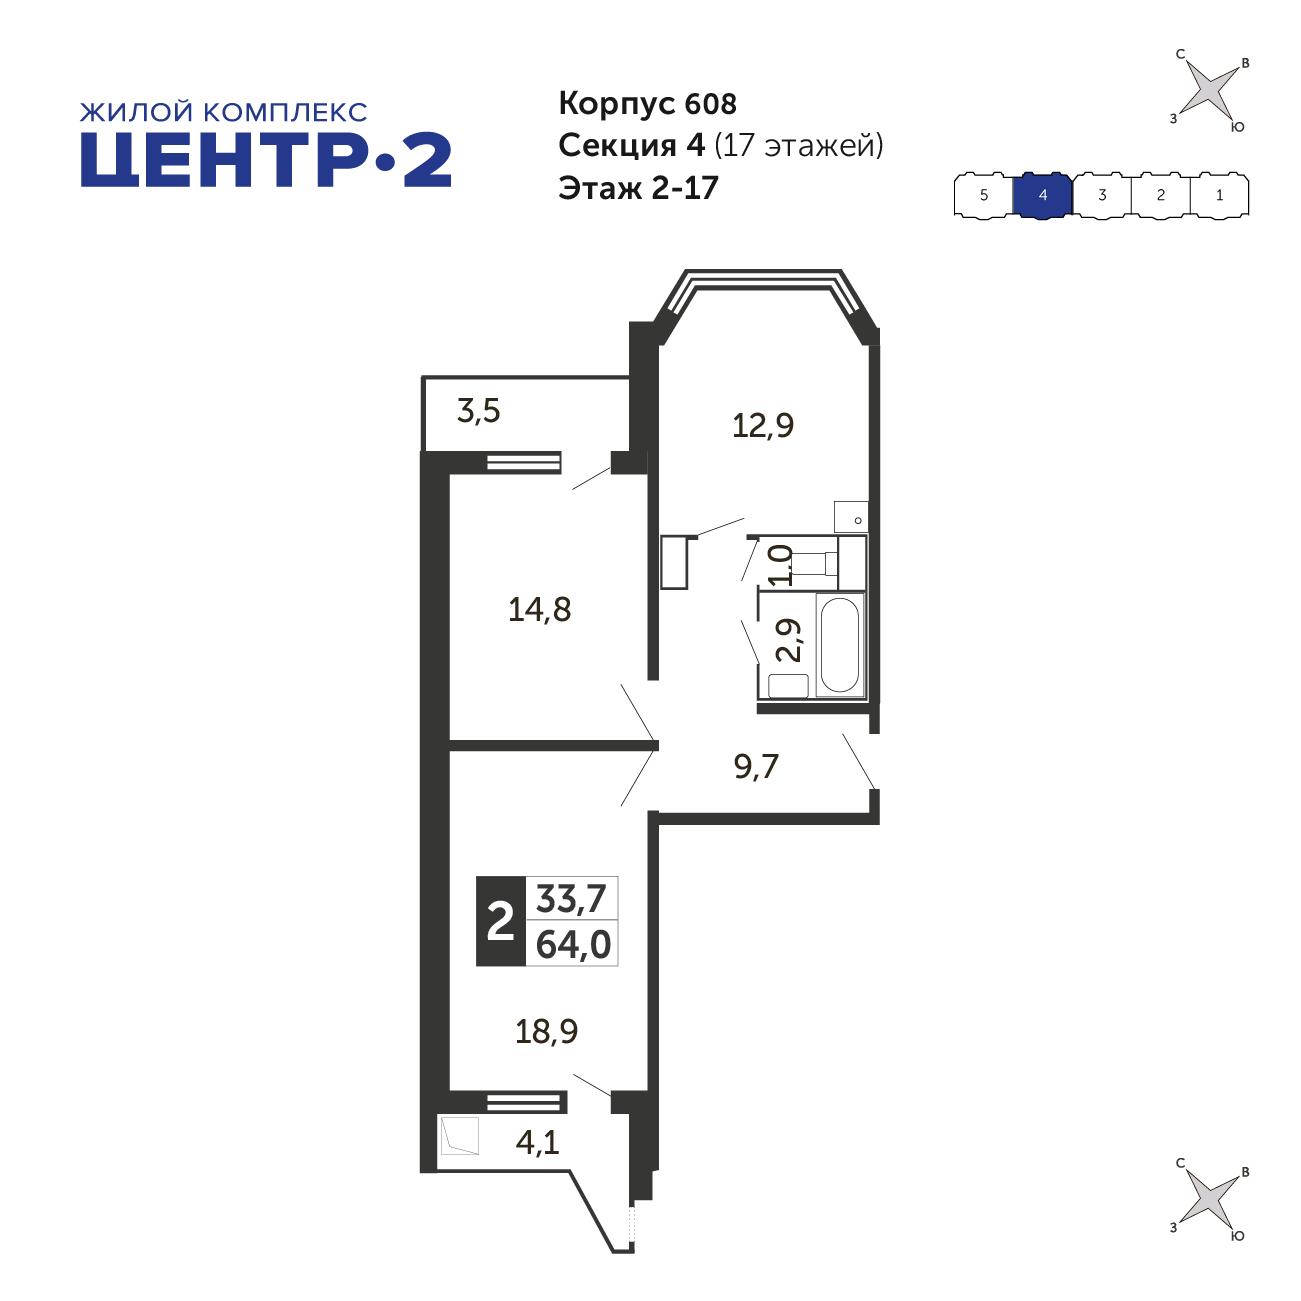 2-комнатная квартира, 64м² за 5,9 млн руб.